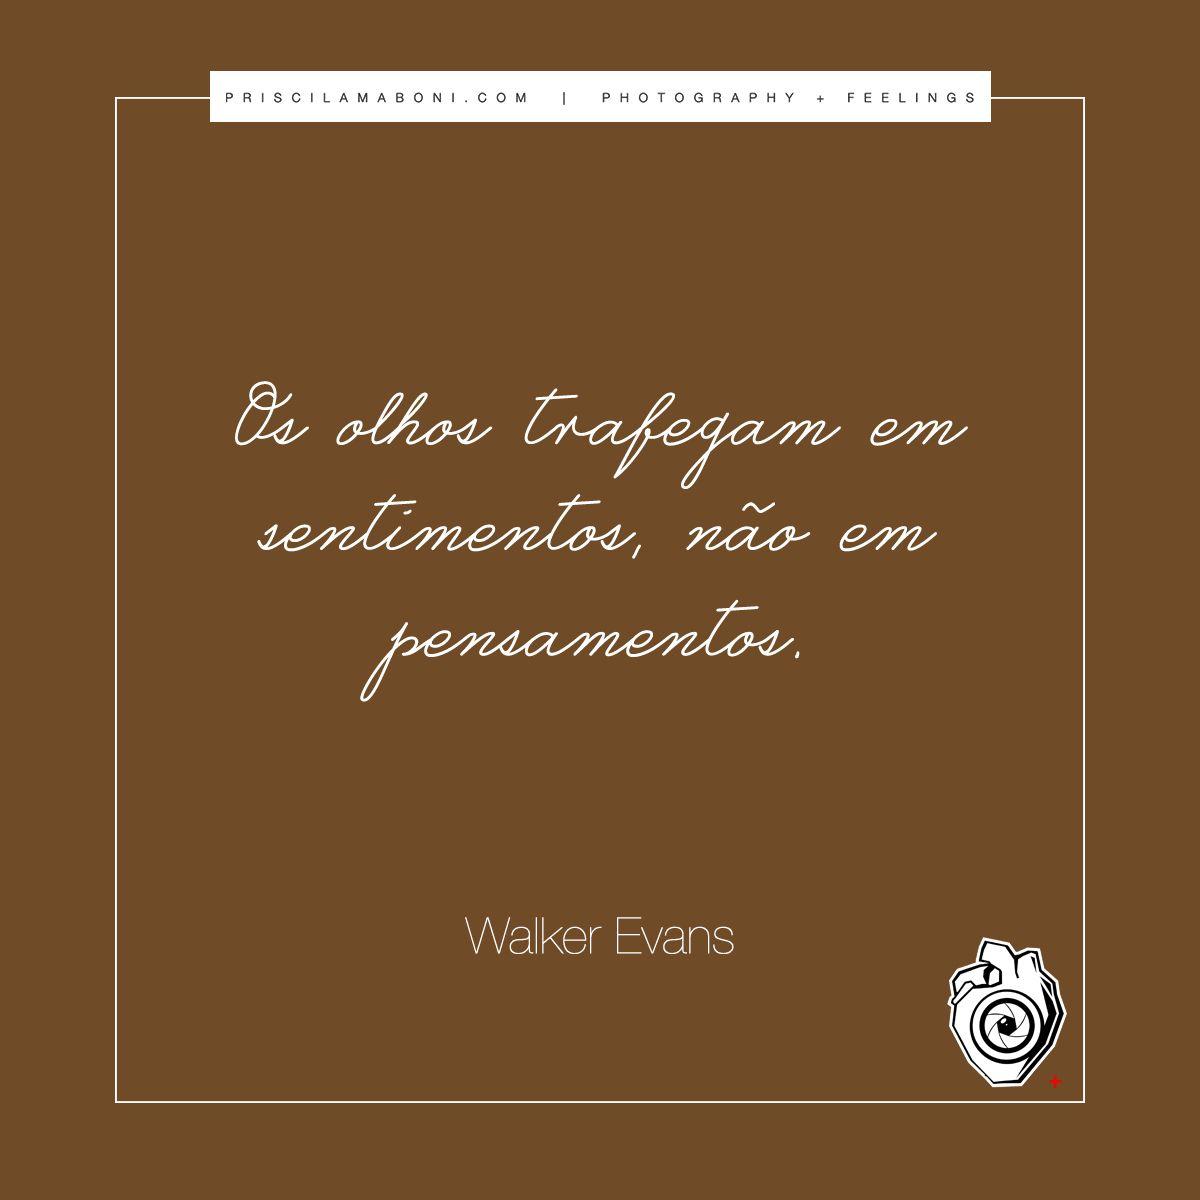 Walker Evans www.priscilamaboni.com